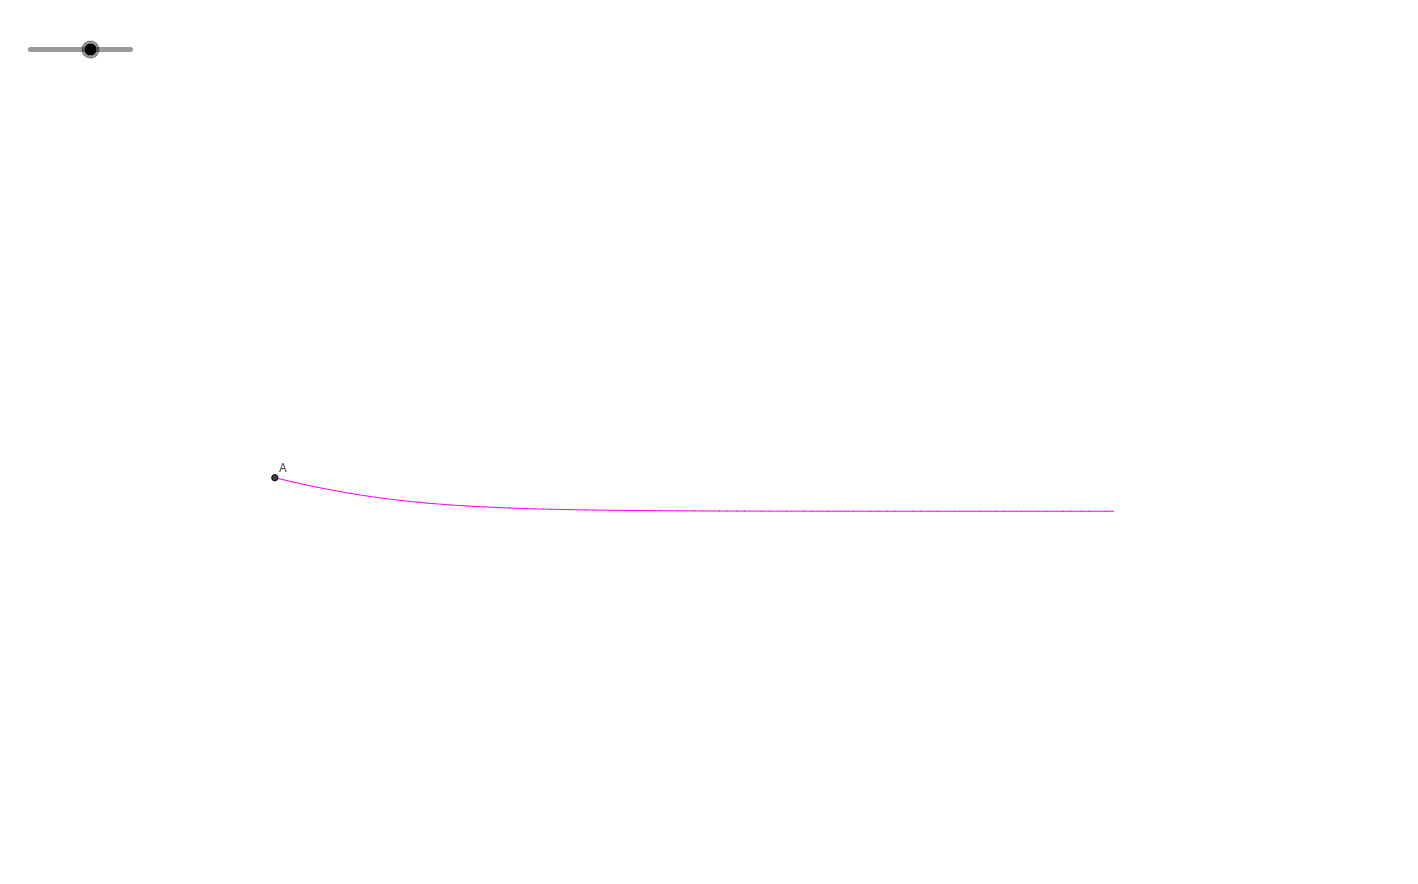 Trajectory of system: y'=y^2-y